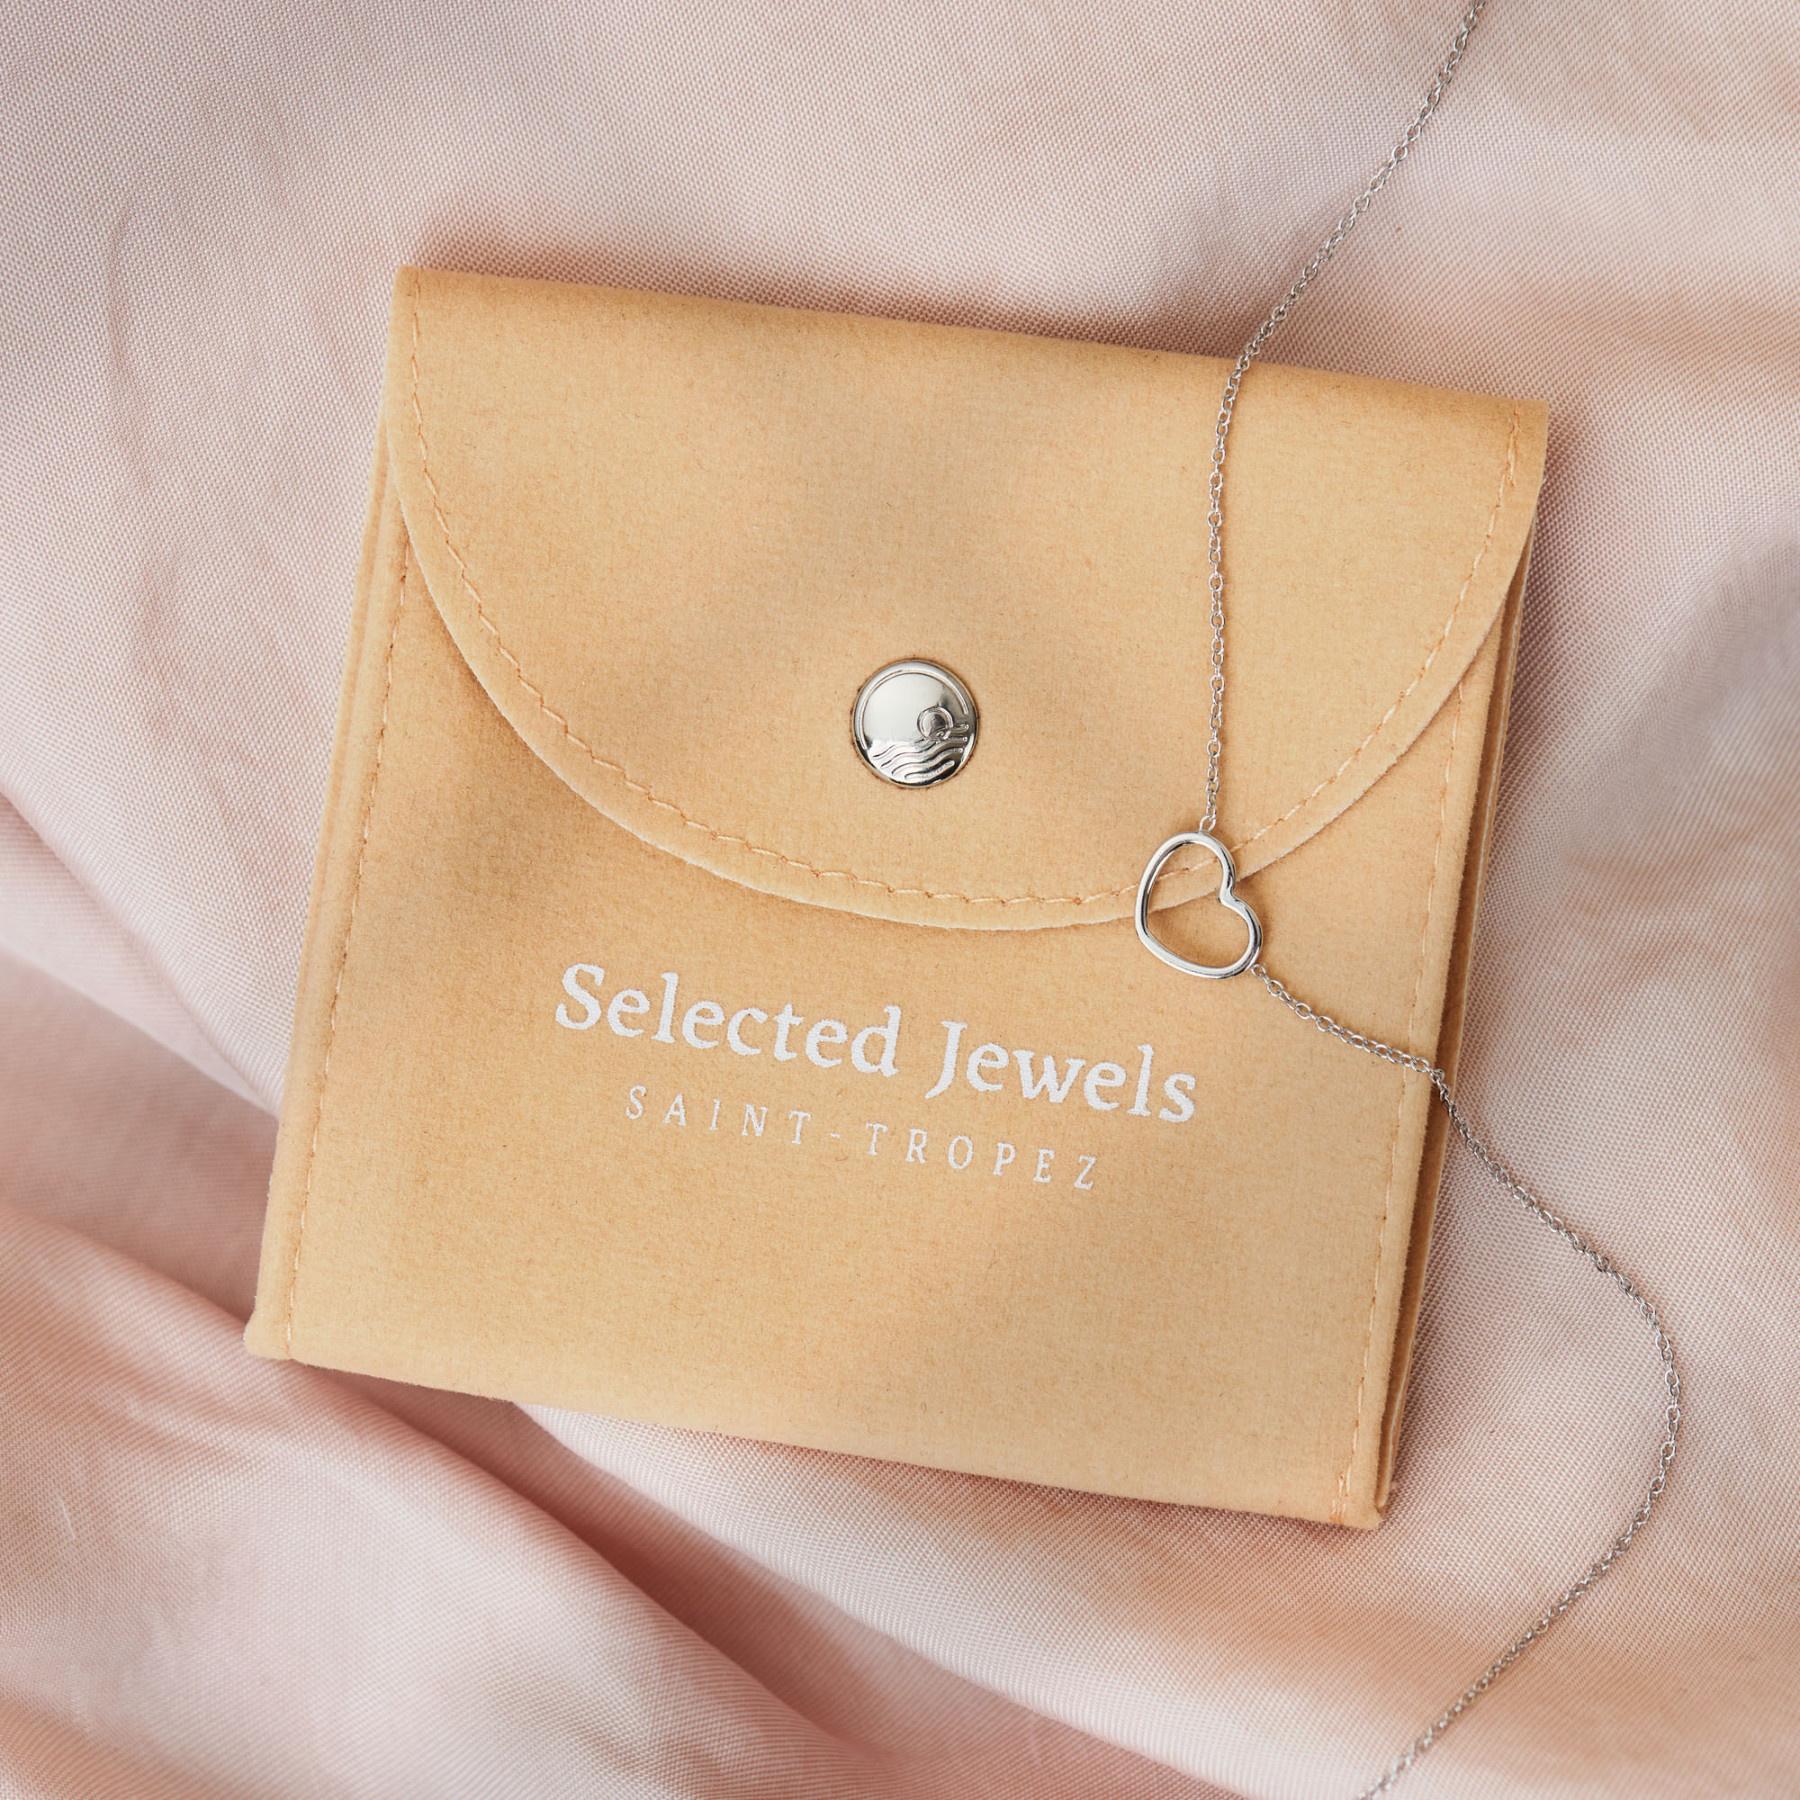 Selected Jewels Julie Théa 925 sterling silver hoop earrings with crosses